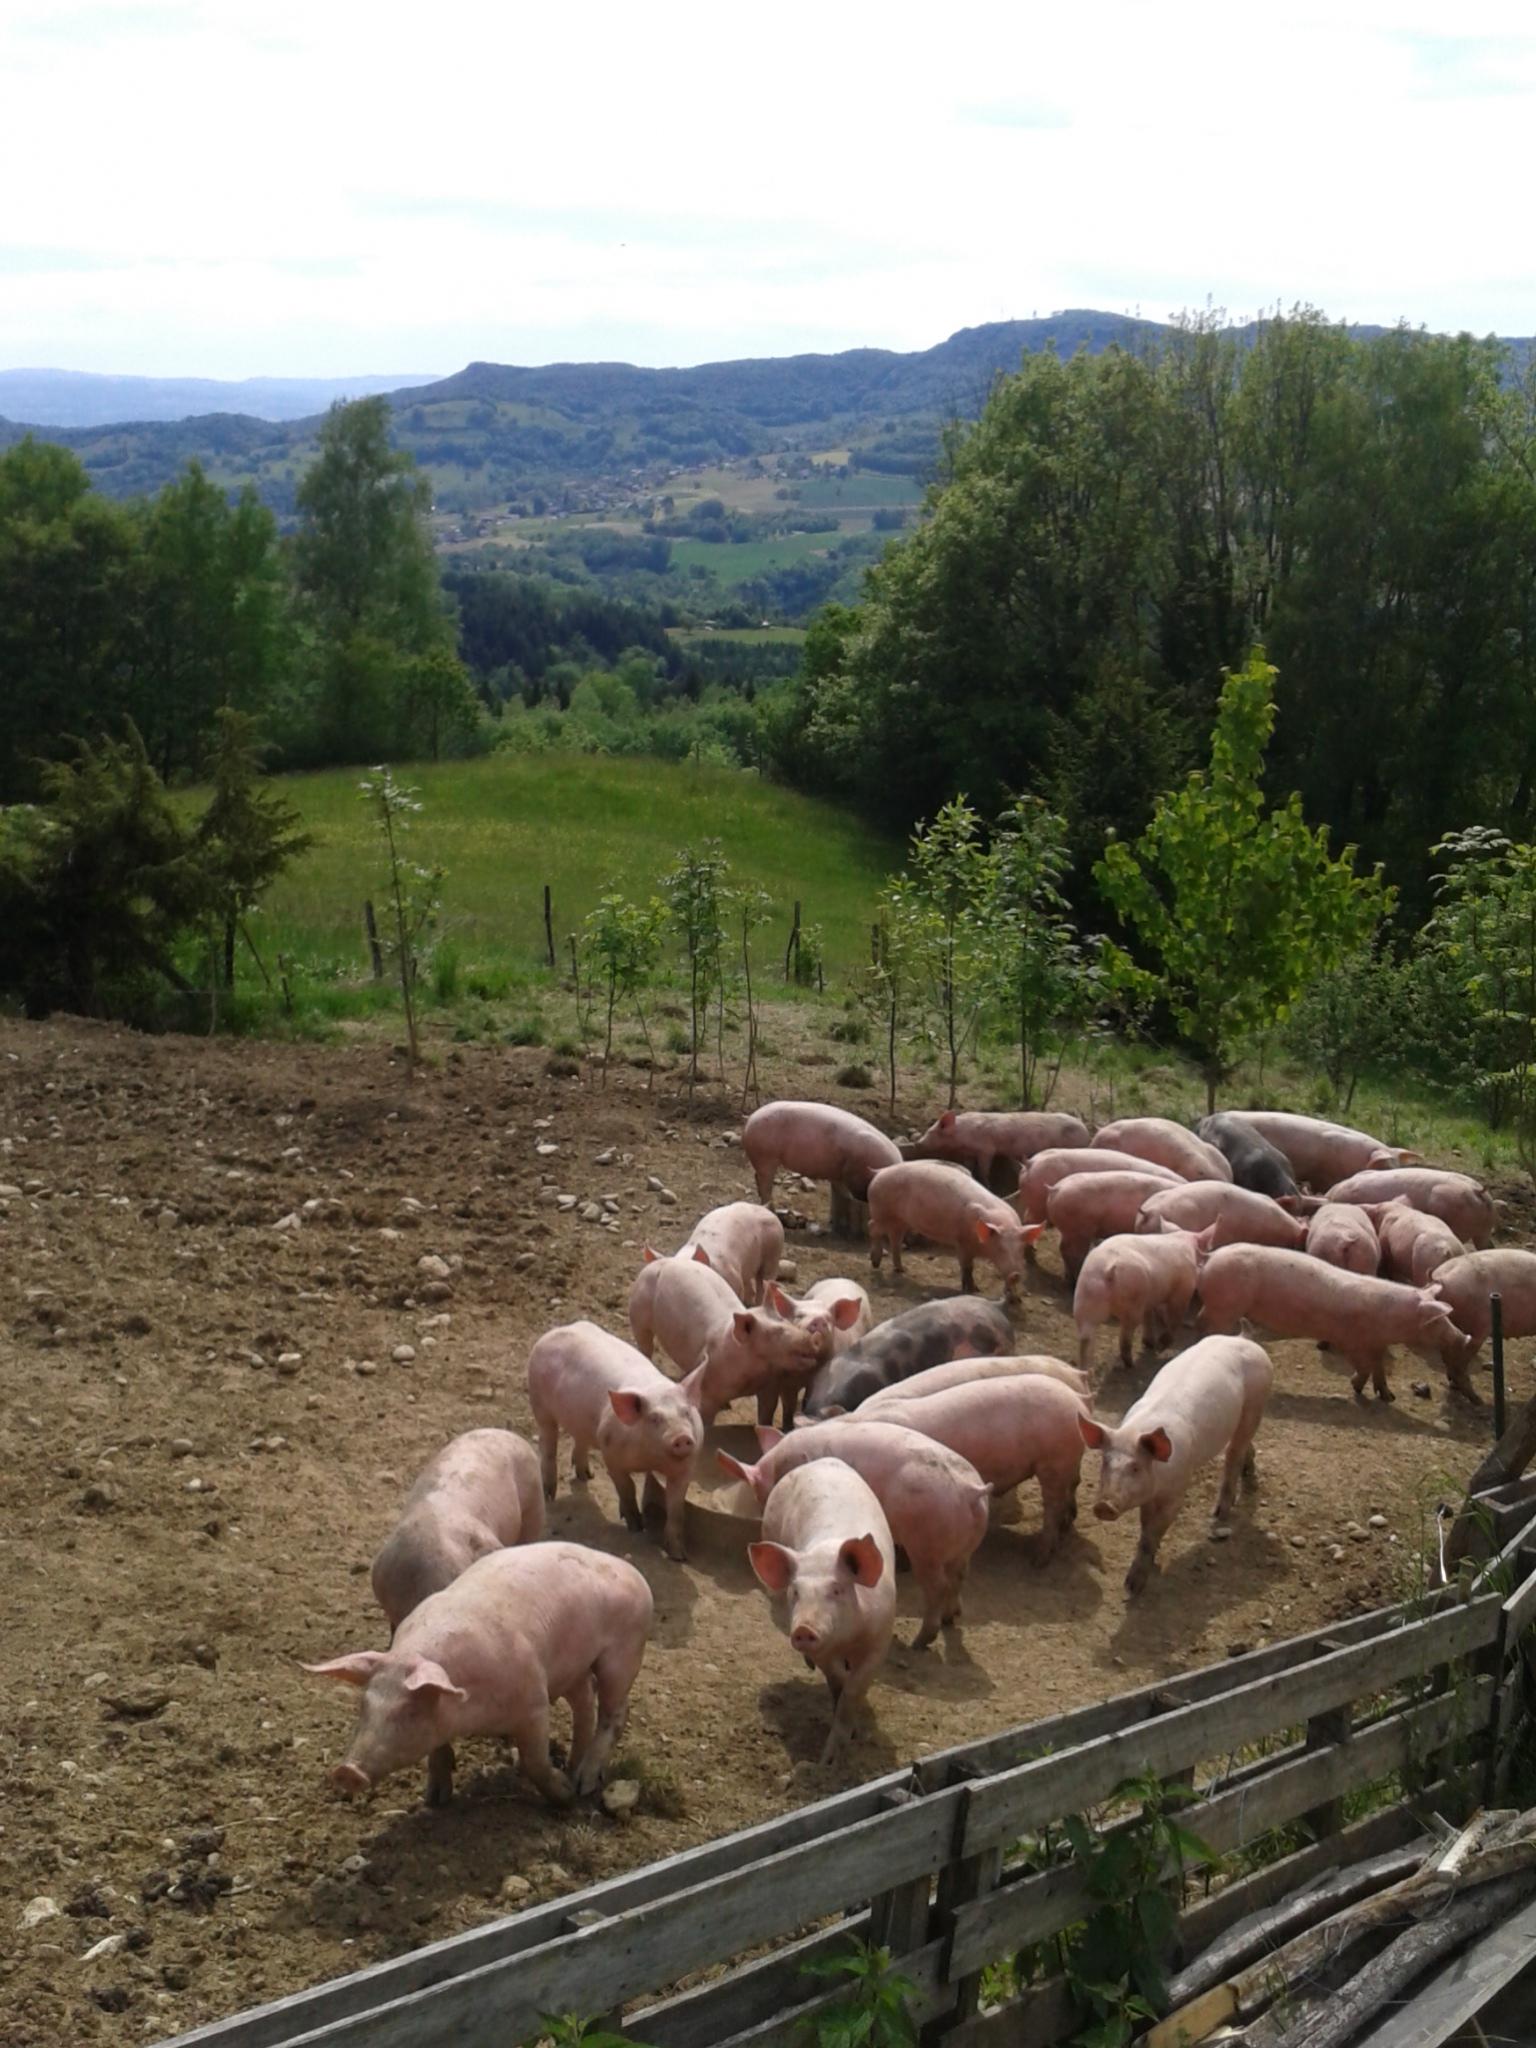 Porcs dans leur enclos.